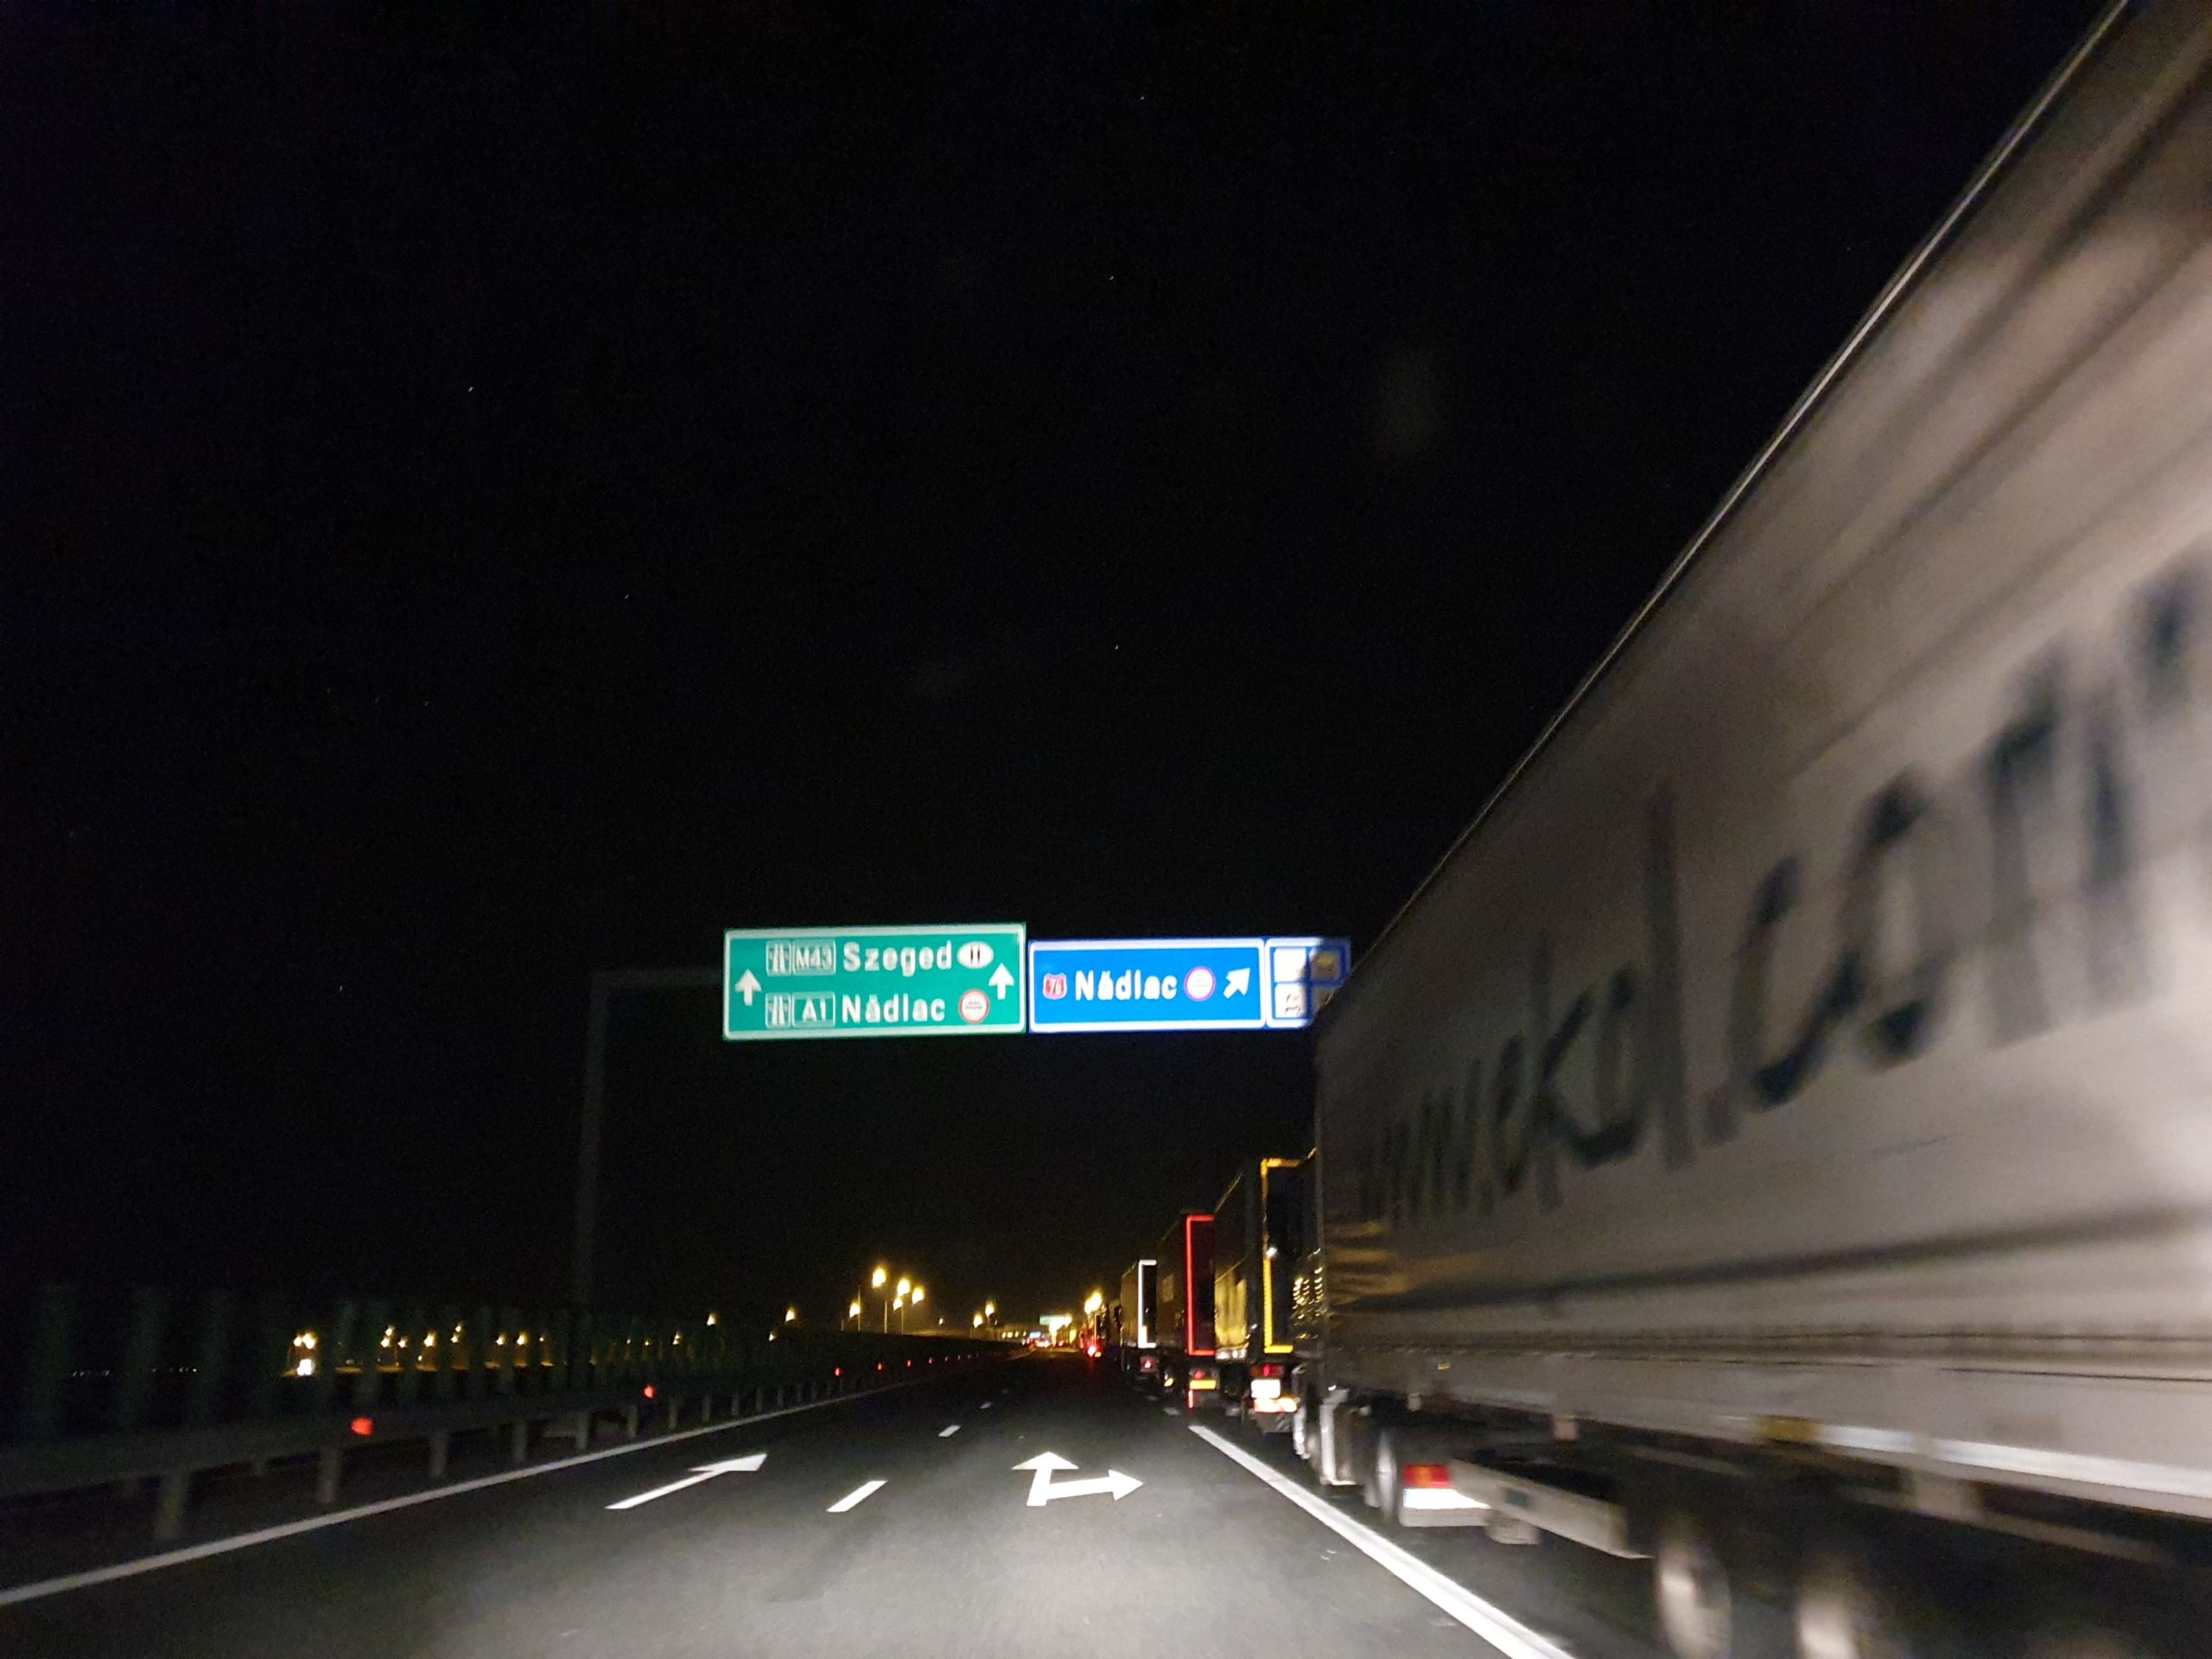 S-a bătut recordul la coada de camioane pe autostradă  FOTO